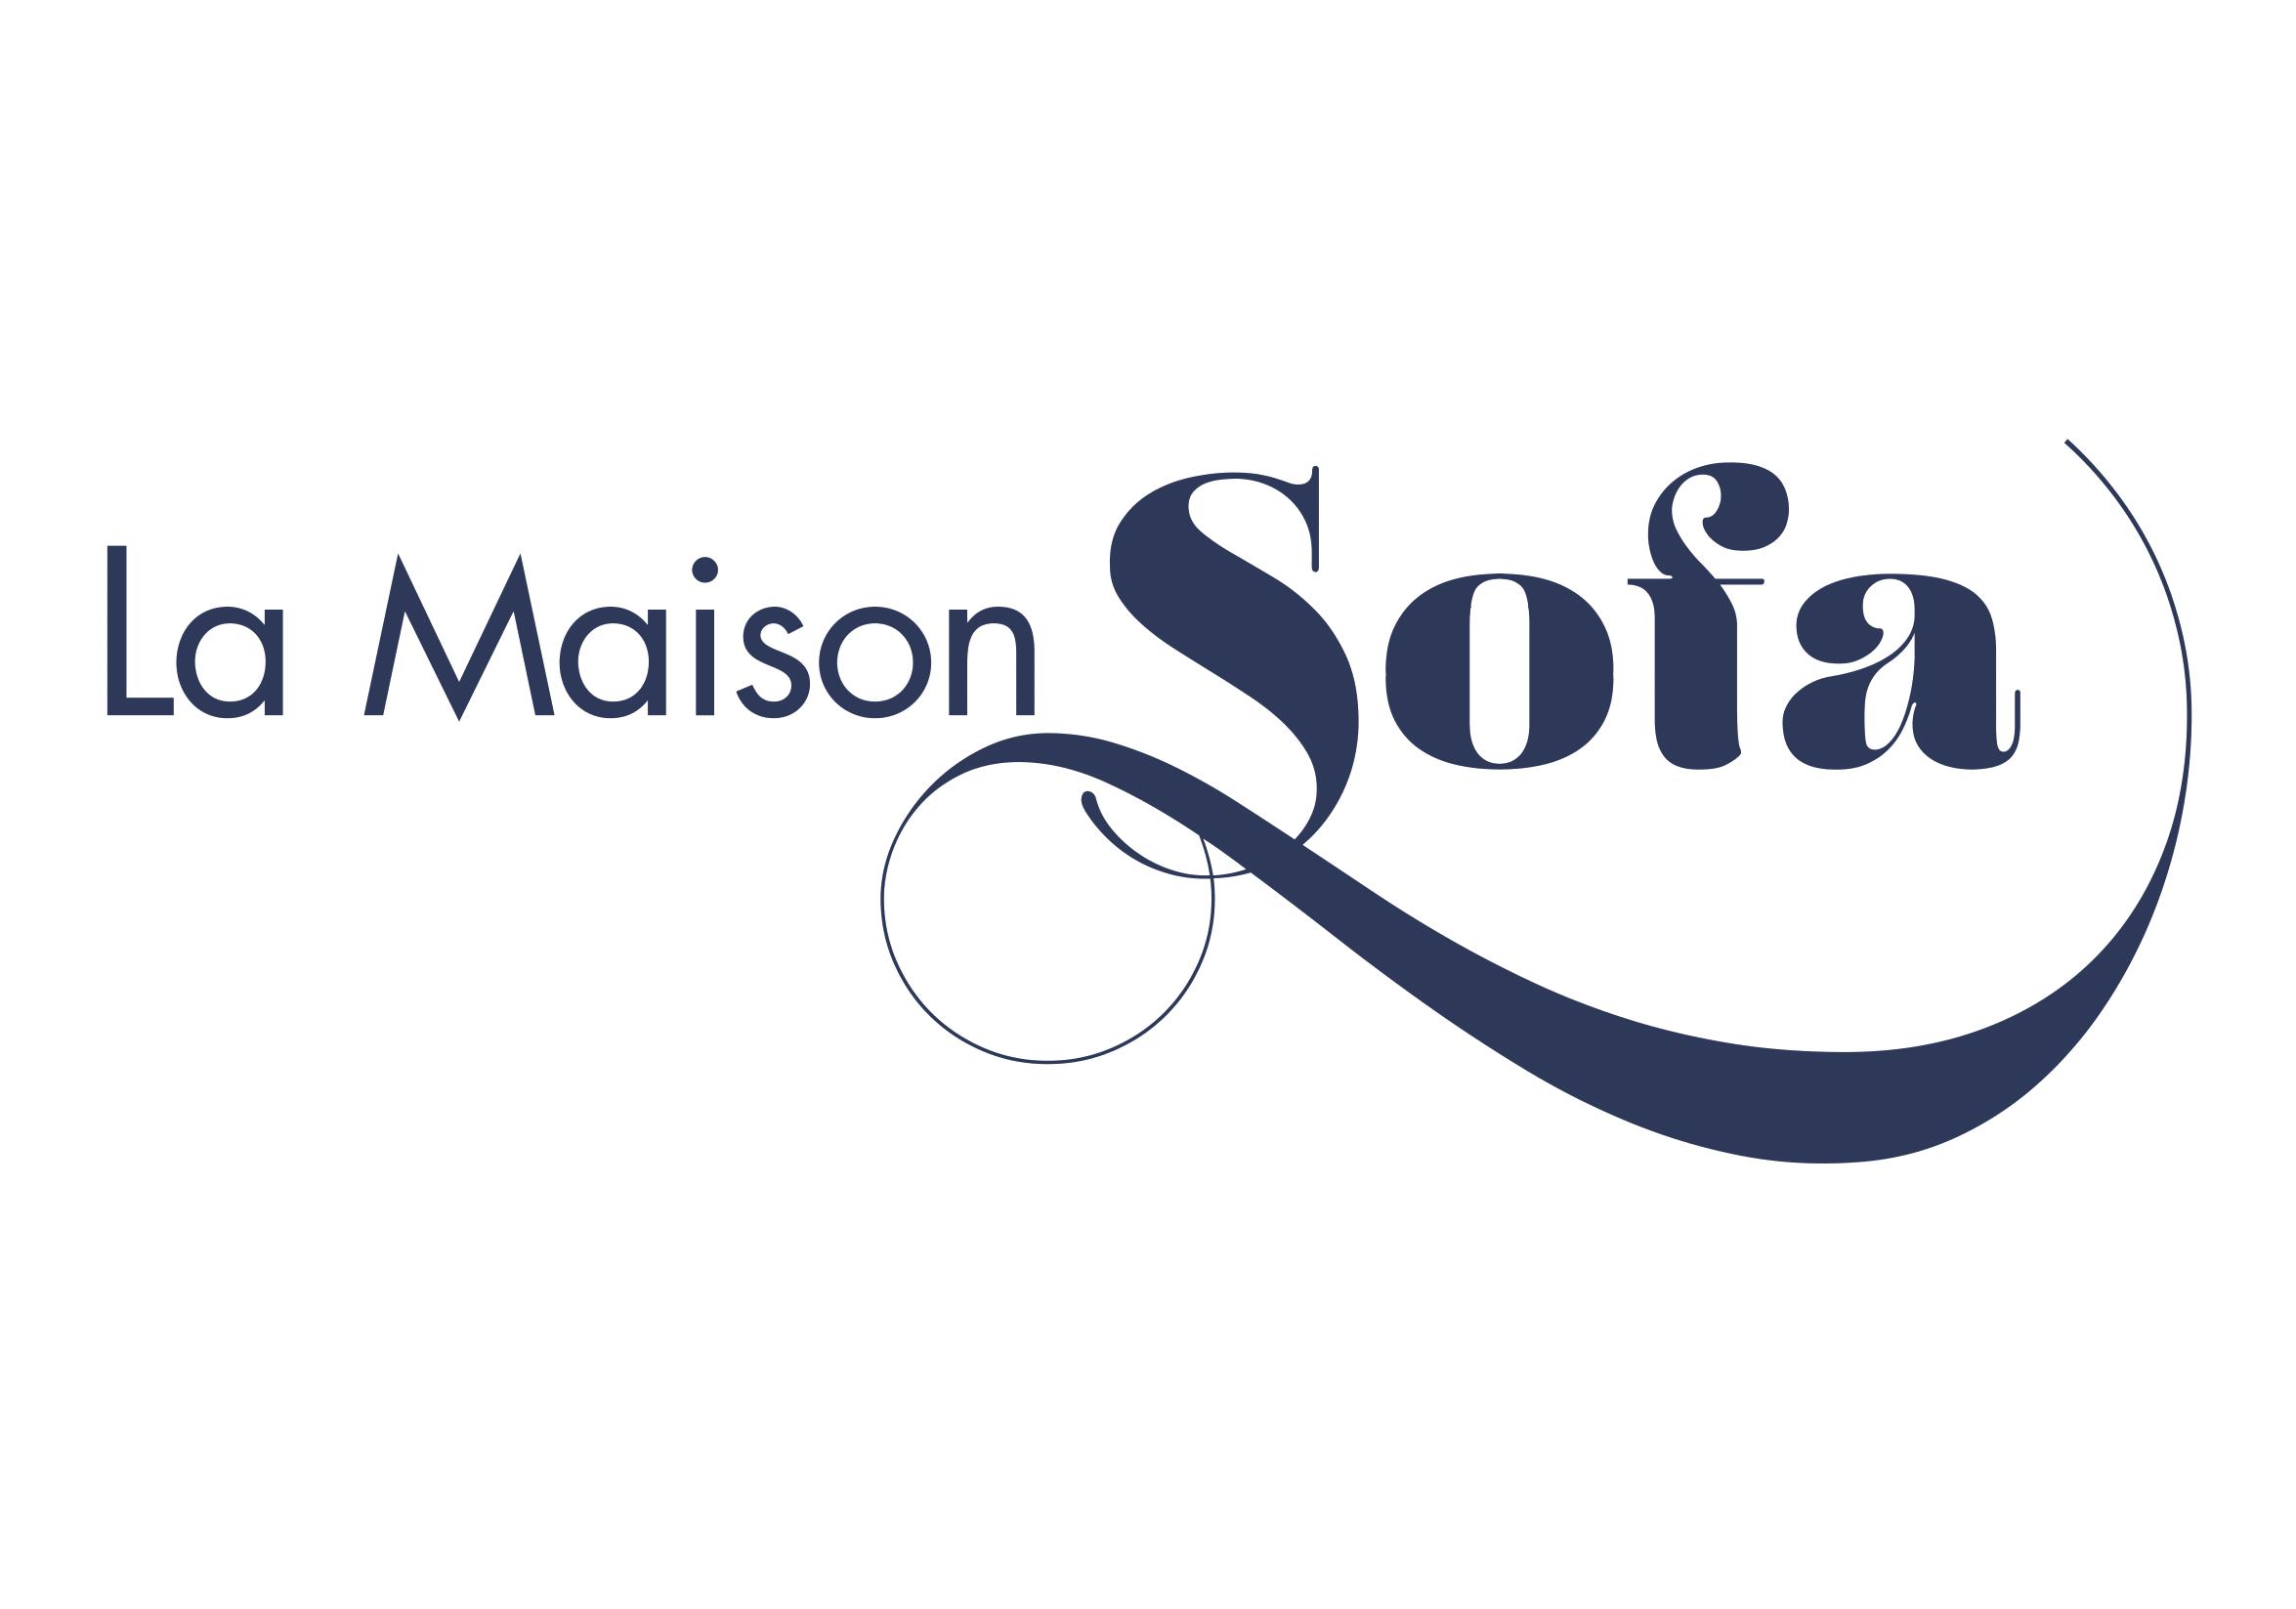 La Maison Sofa logo